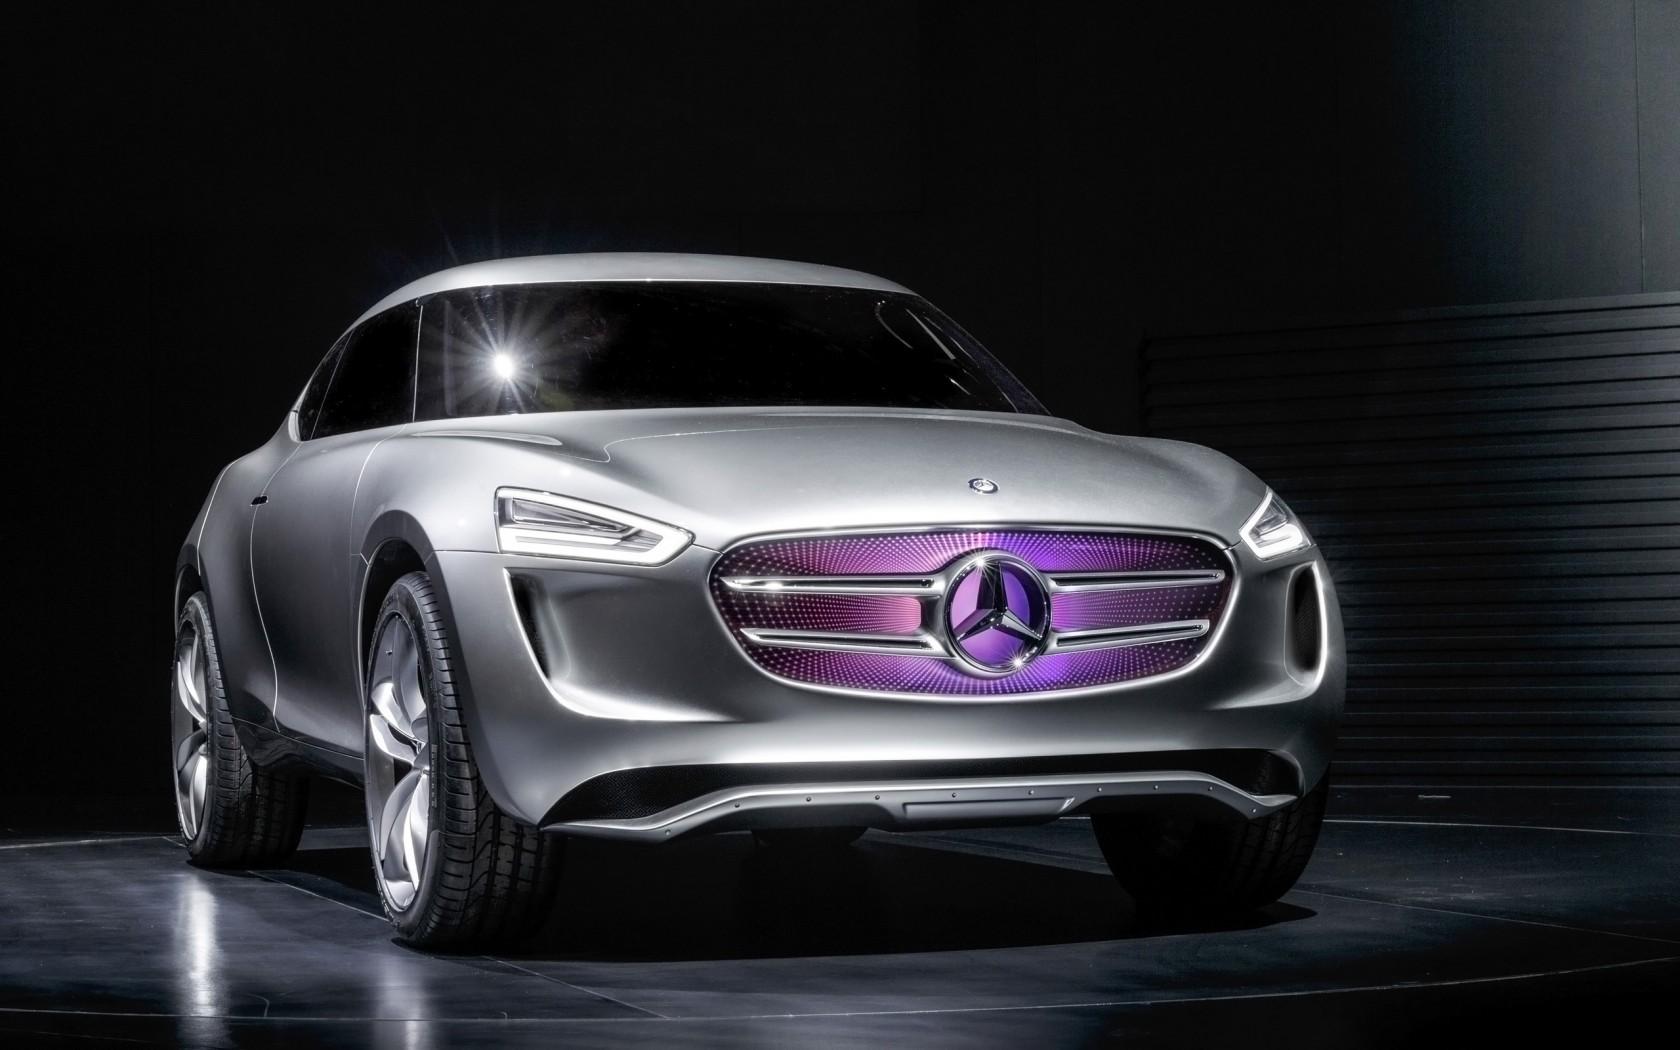 2014 mercedes benz vision g code wallpaper hd car for Mercedes benz vision